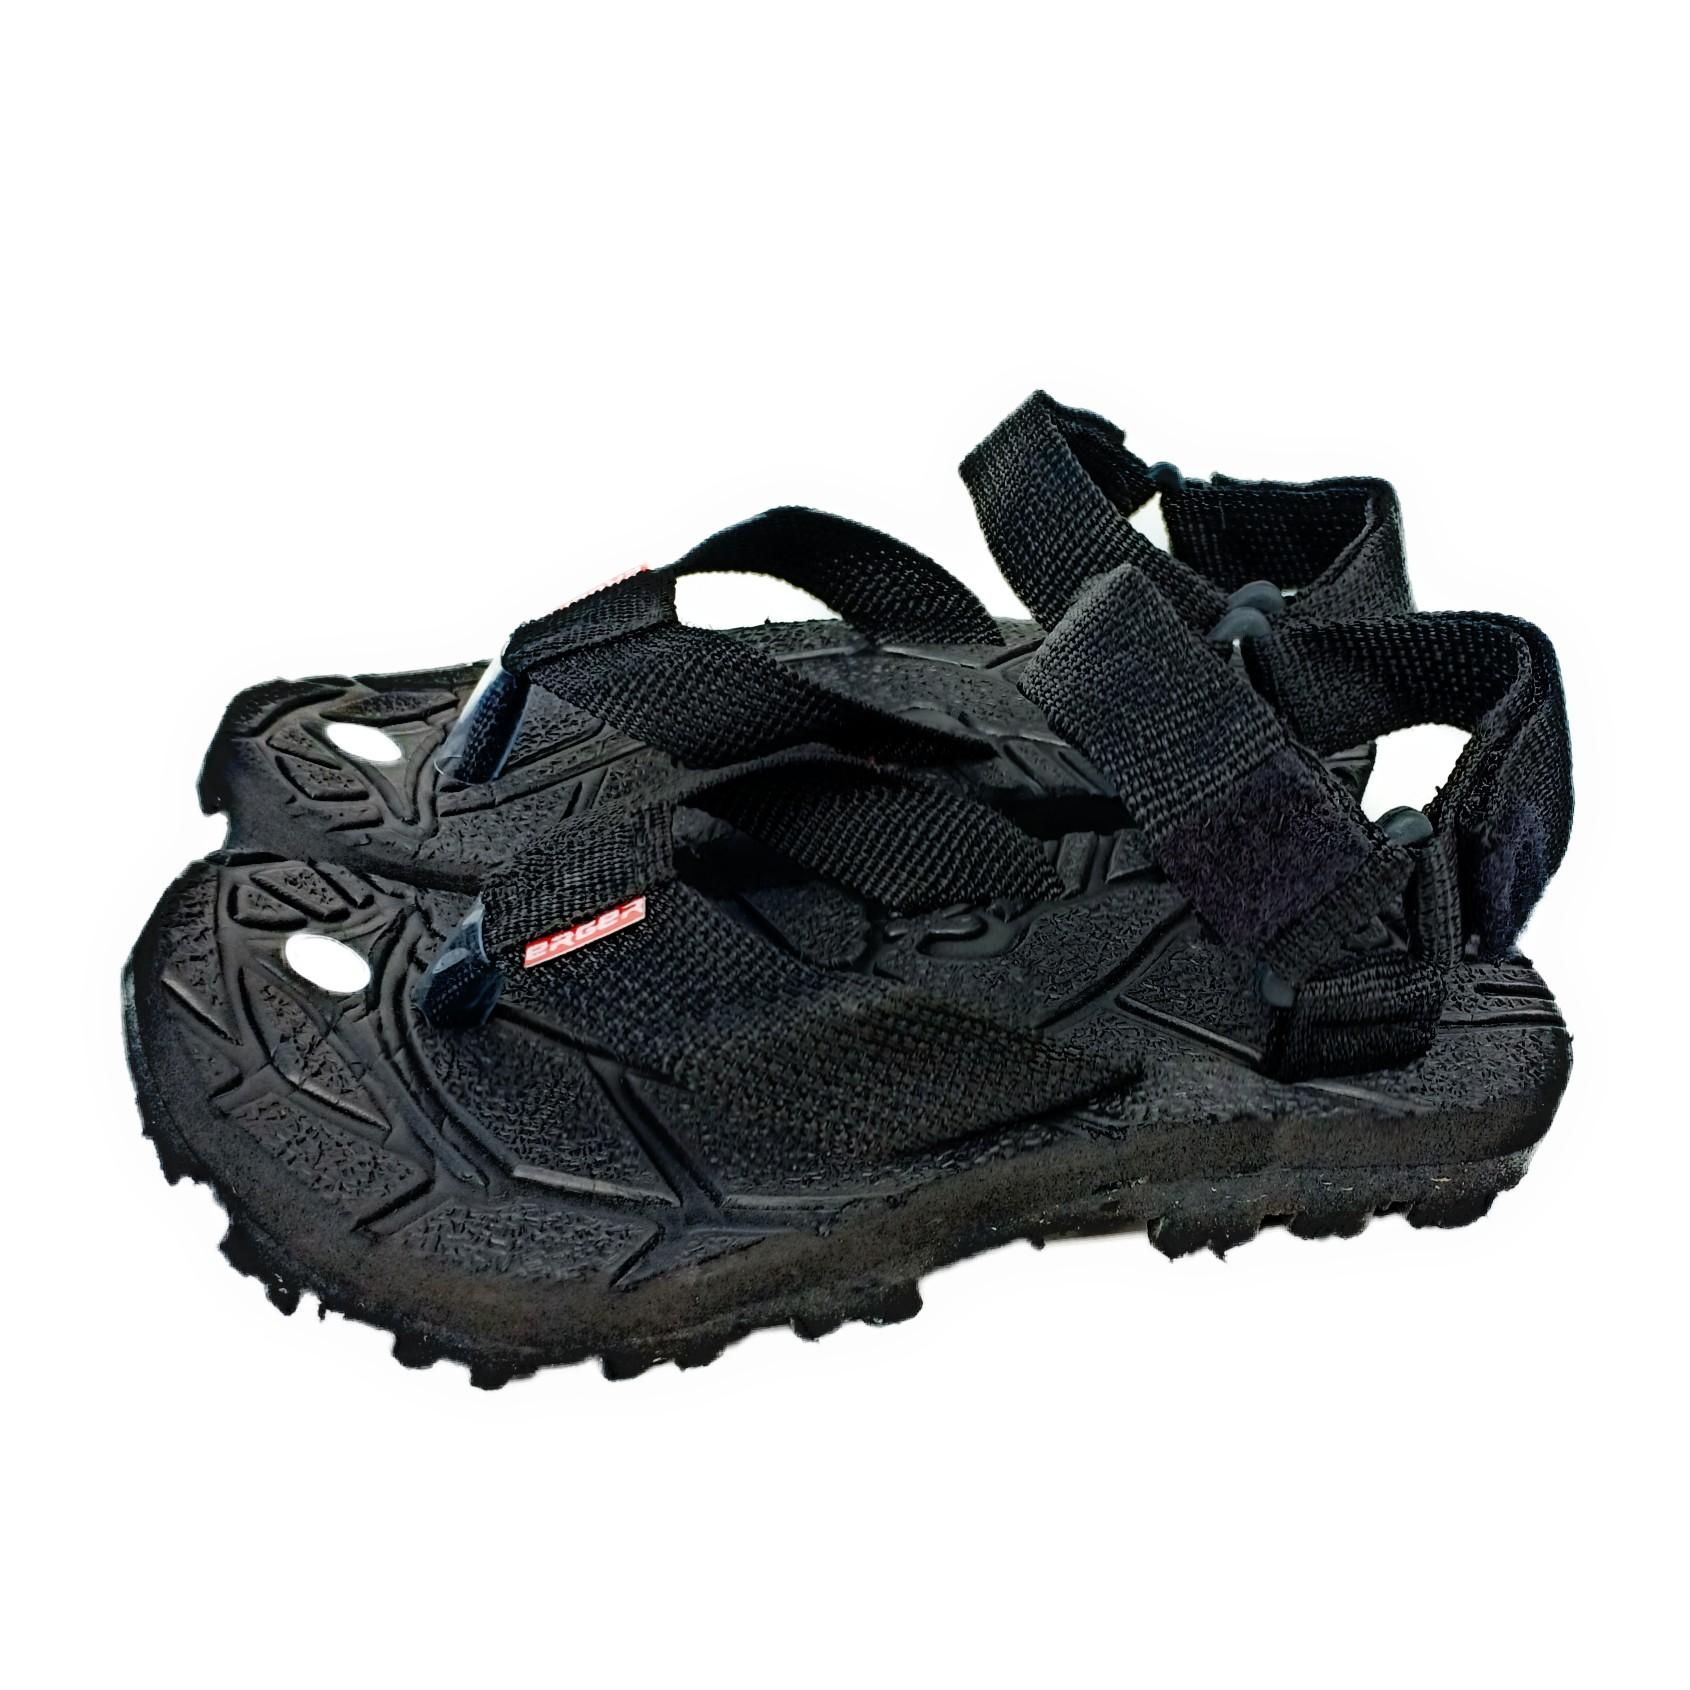 Arsy Sport / Sandal Baby / Sandal Anak / Sandal Gunung / Sandal Jepit / Sandal Murah - Hitam Size 21-37